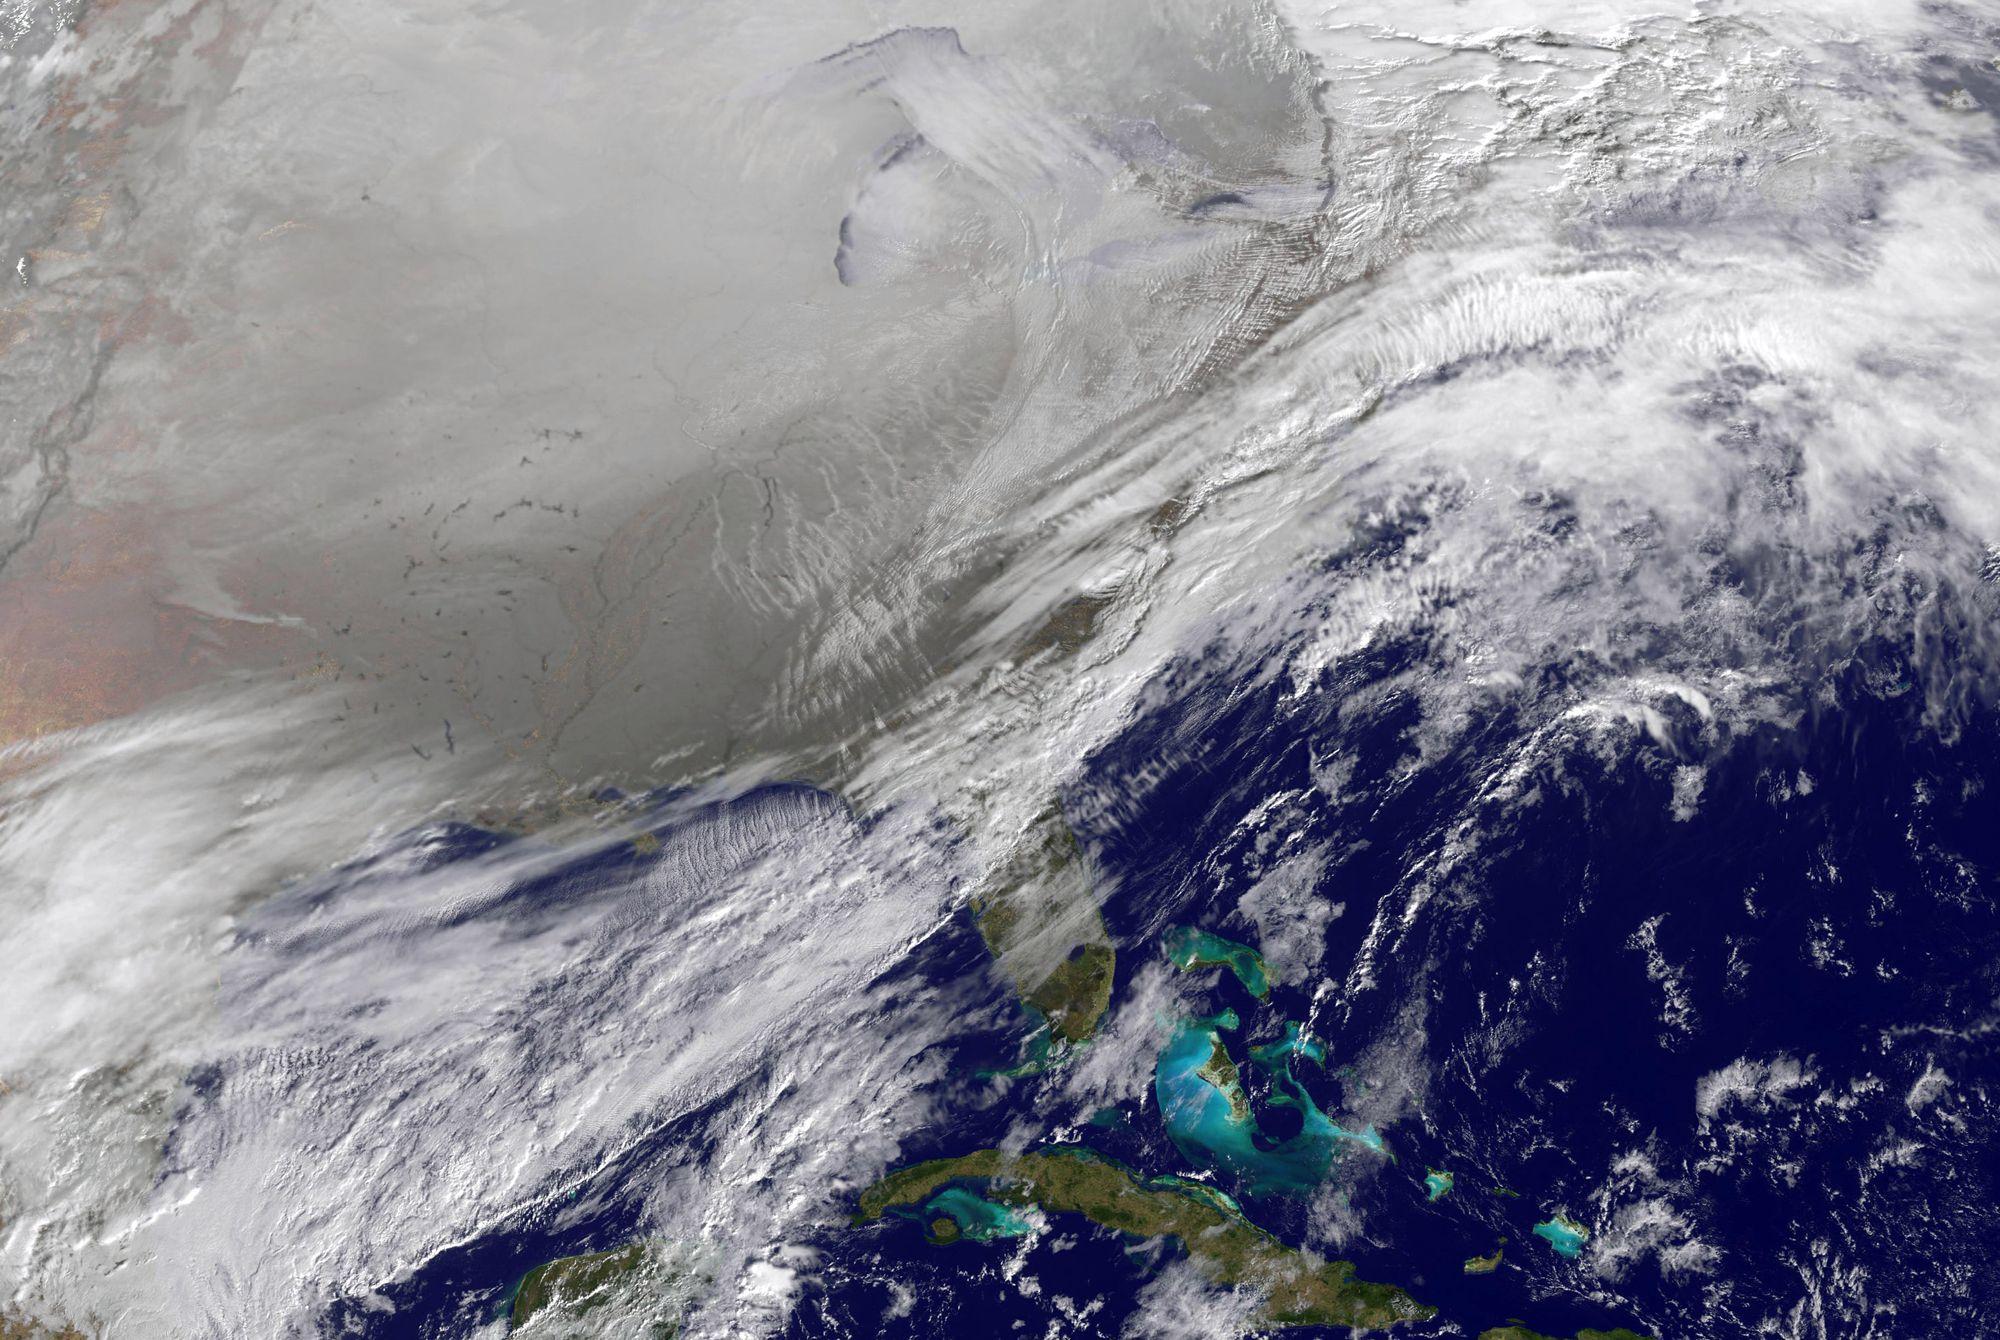 biến đổi khí hậu ngoài không gian xoáy cực